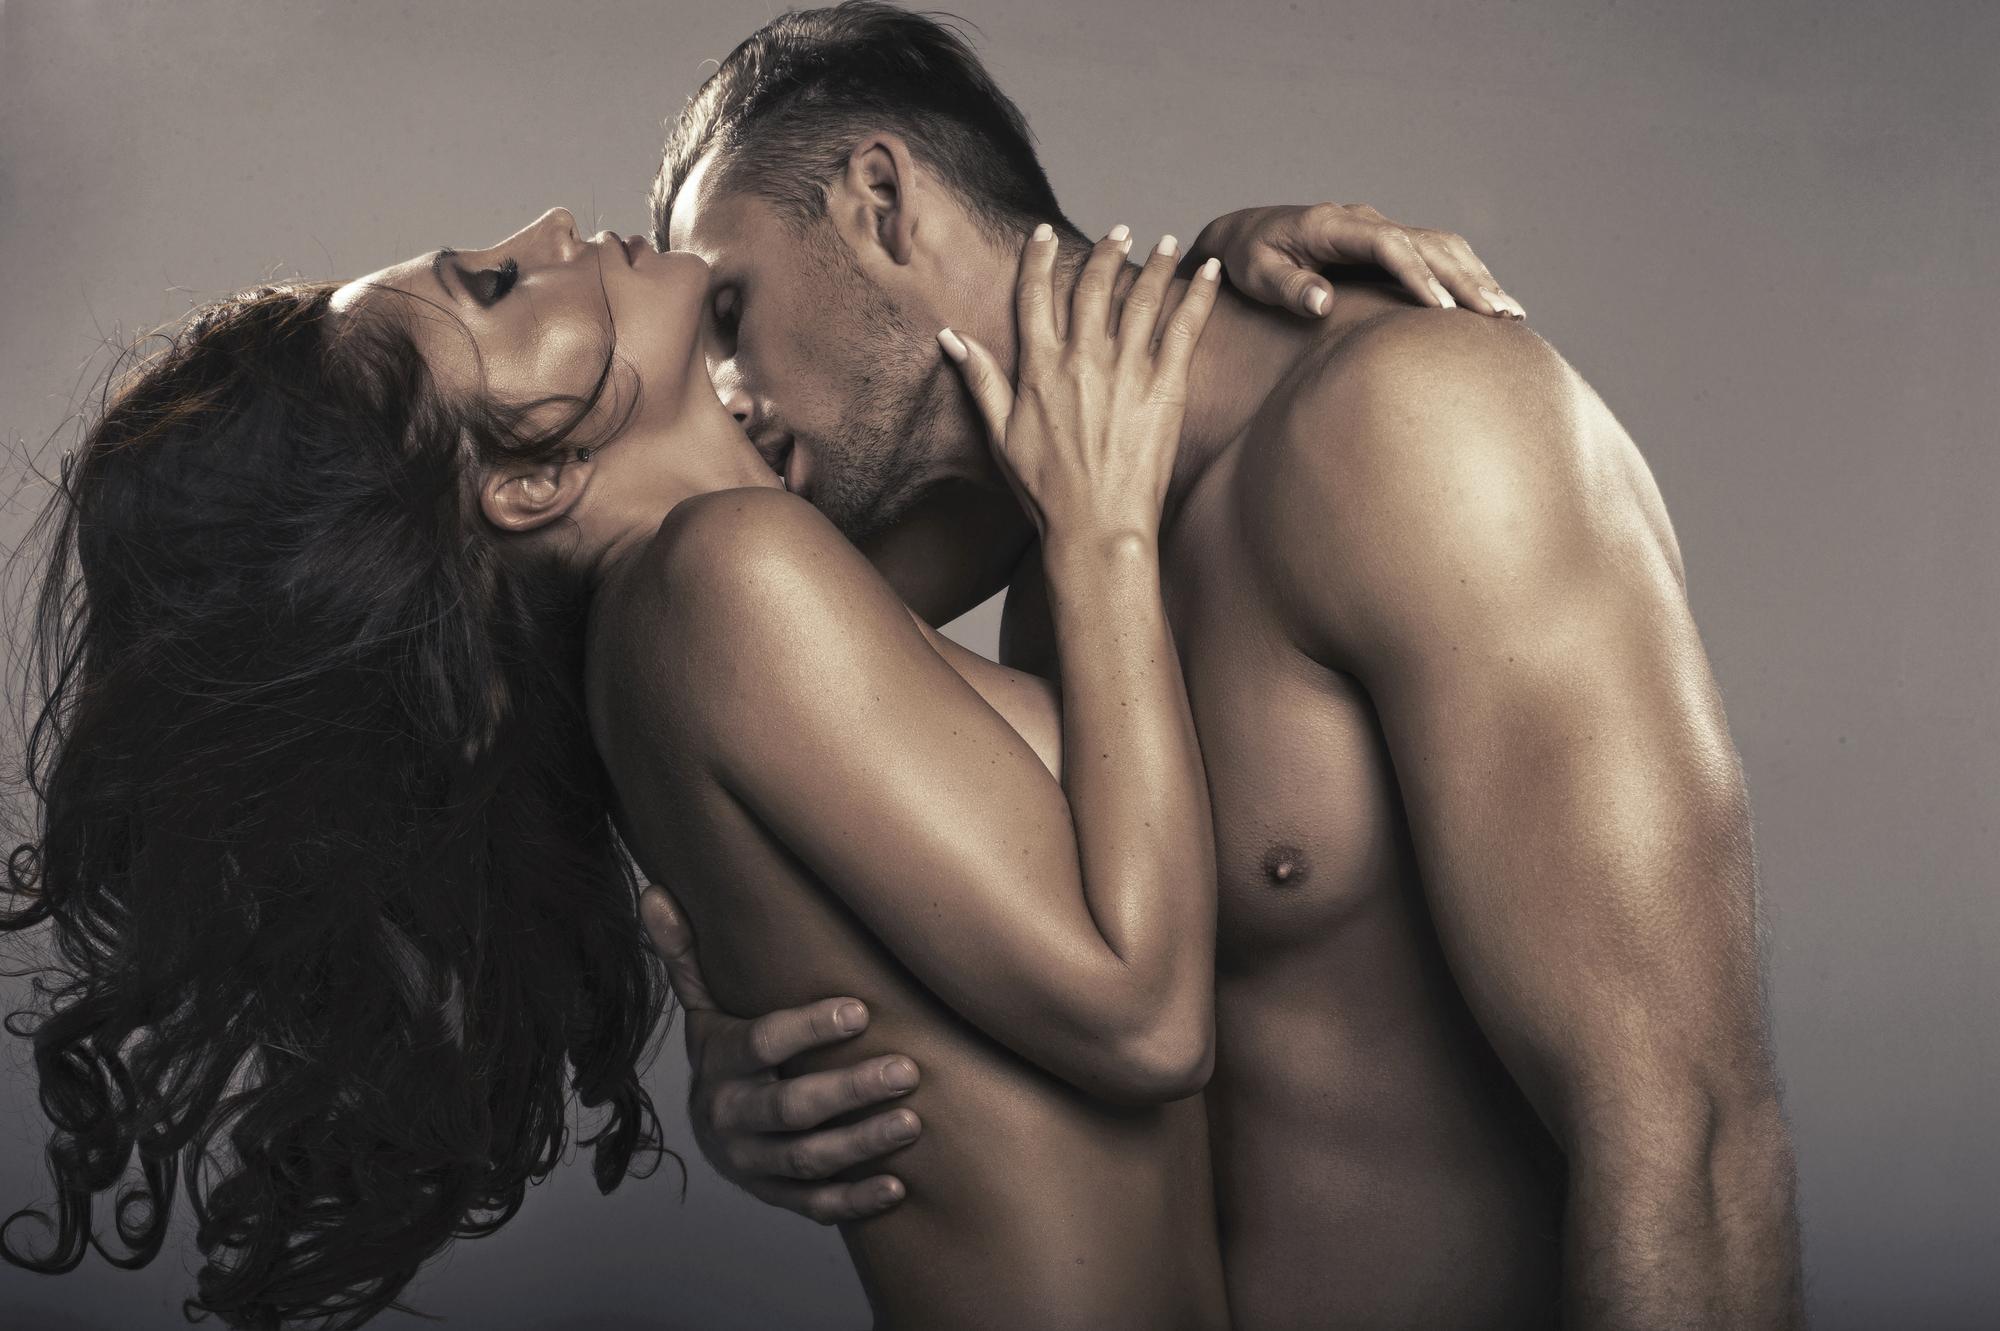 Картинки Мужчина И Женщина Занимаются Любовью